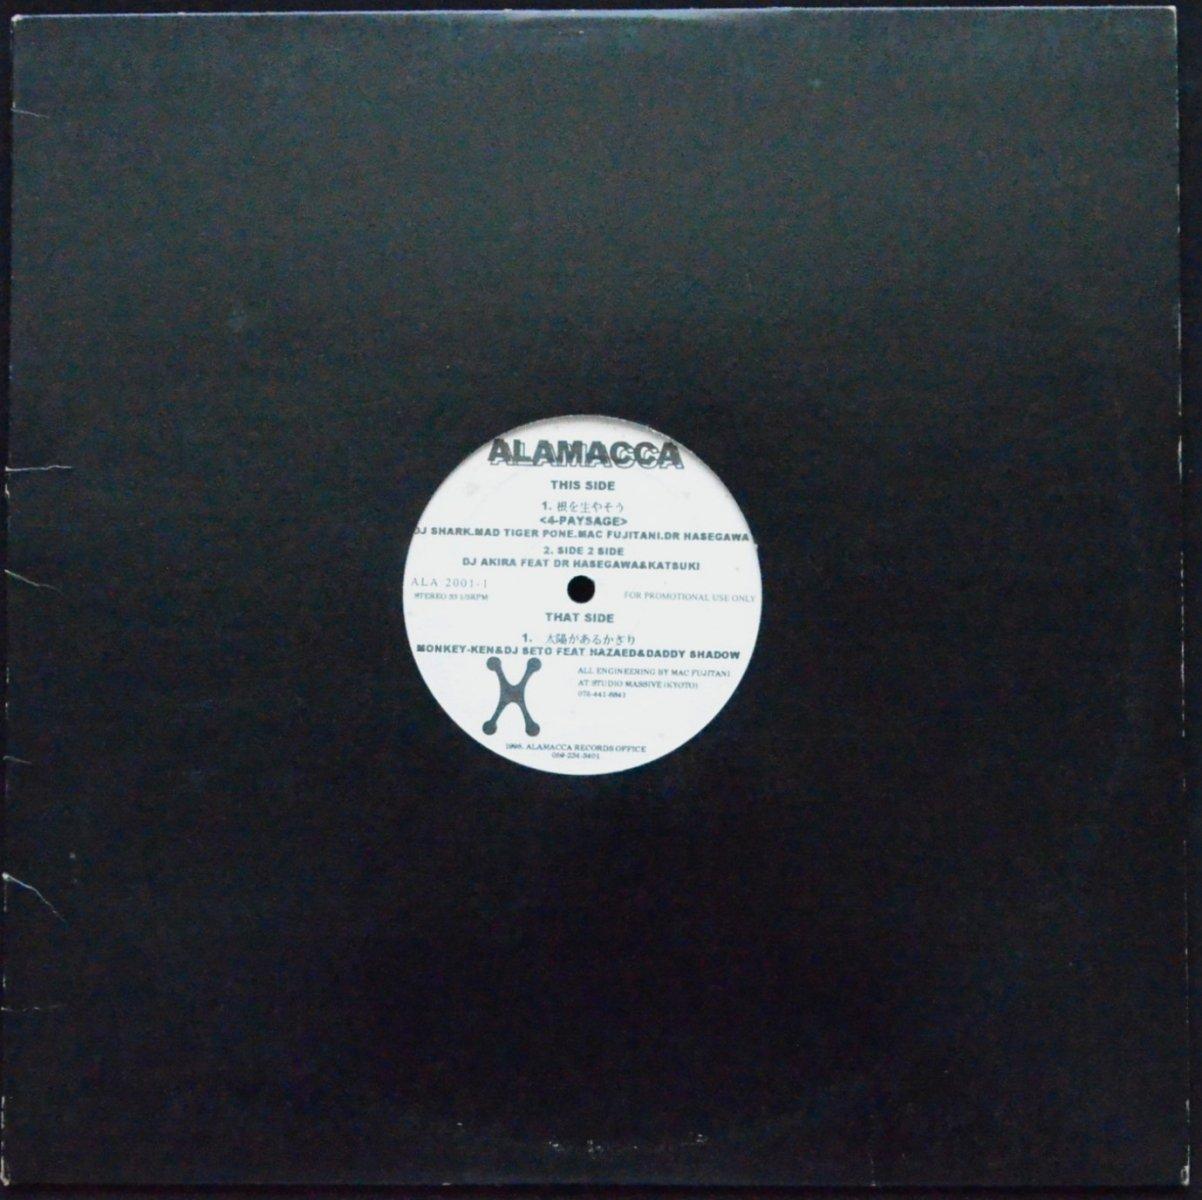 ALAMACCA / ALAMACCA EP (12